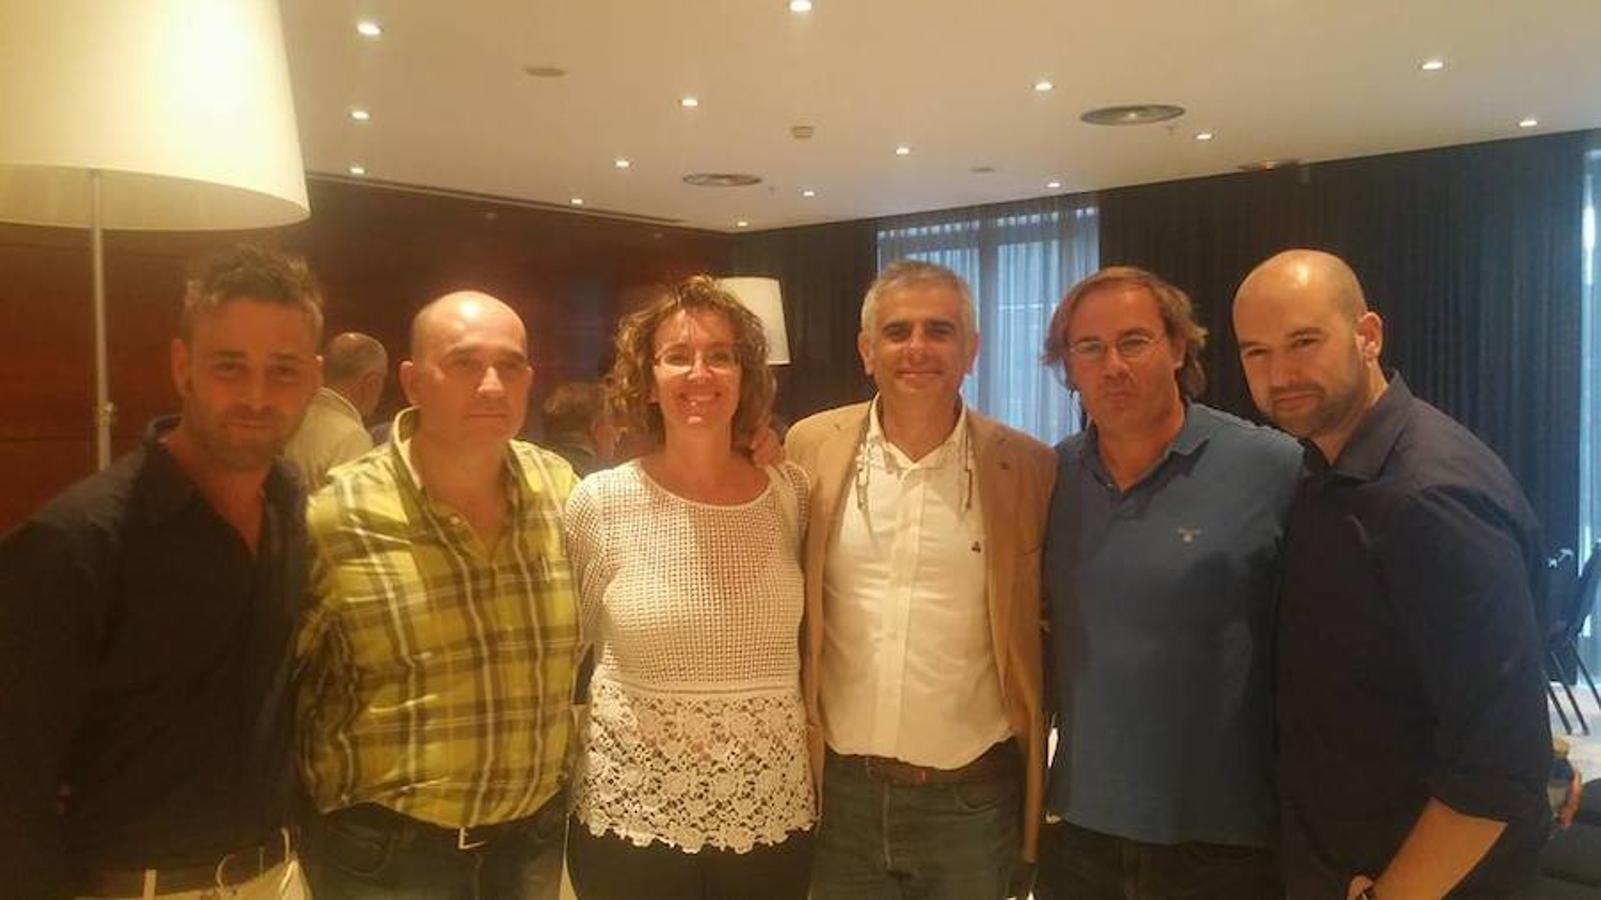 Landeira comparte fotografía con Carlos Carrizosa, coordinador de los comités autonómicos de Ciudadanos